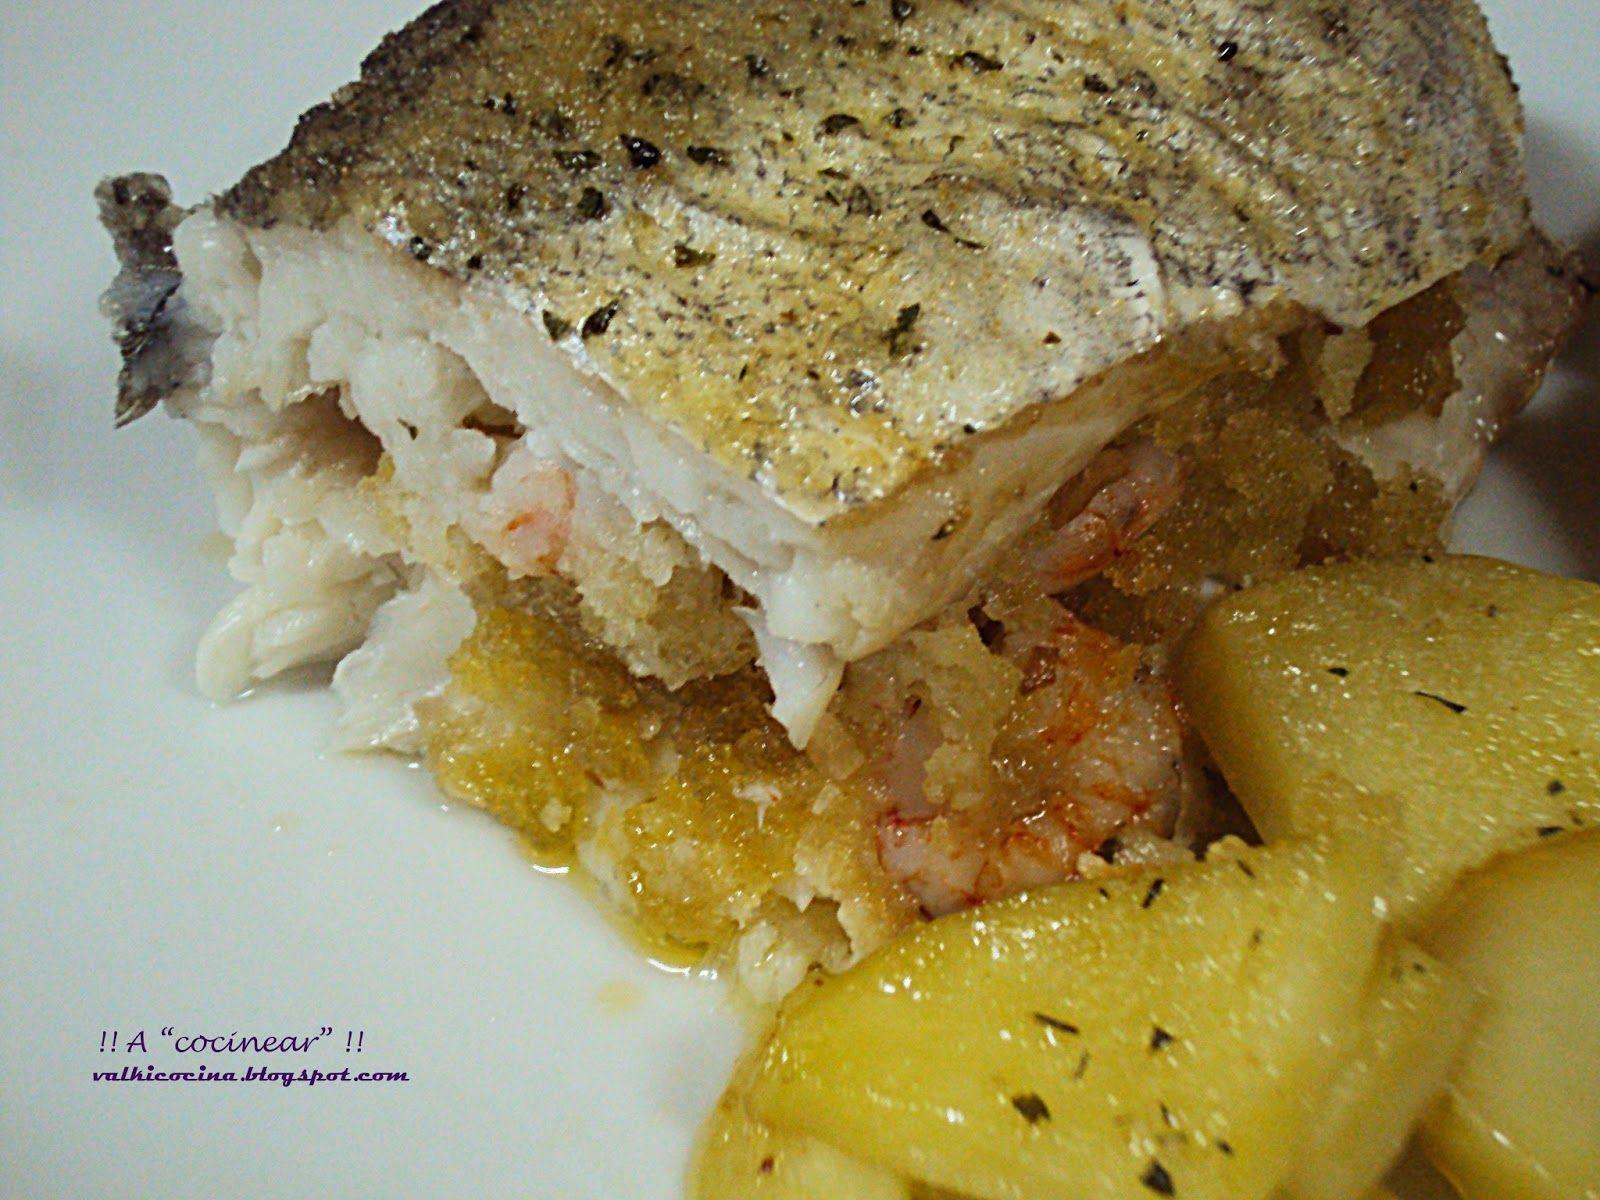 A cocinear merluza o pescadilla rellena al horno for Merluza rellena al horno